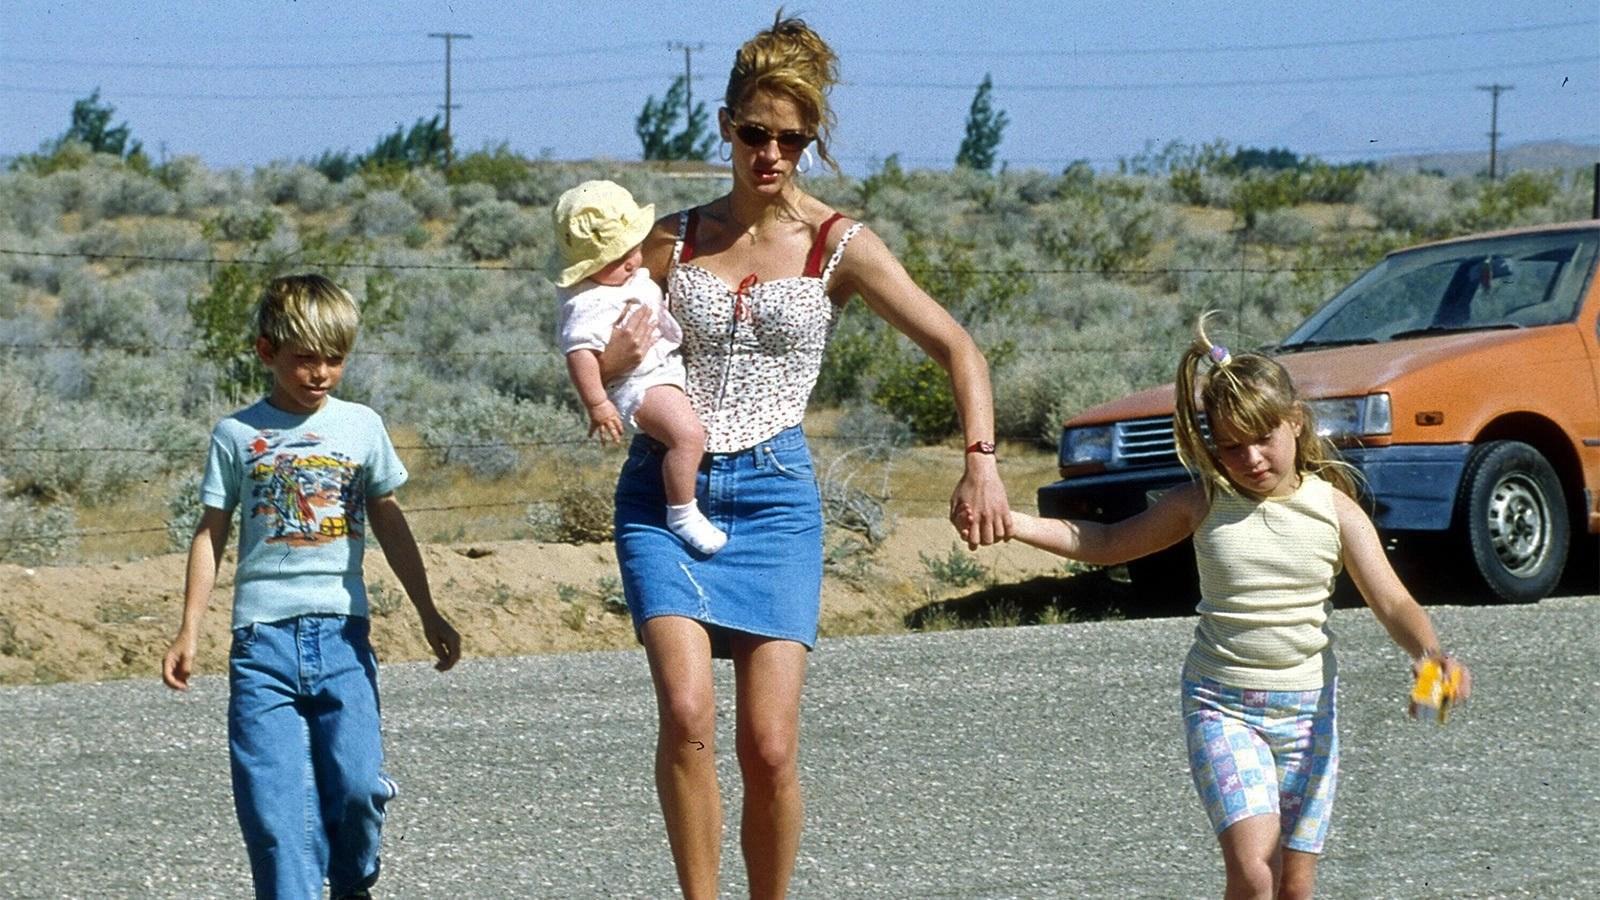 Julia Roberts in Erin Brockovich - Forte come la verità (2000)